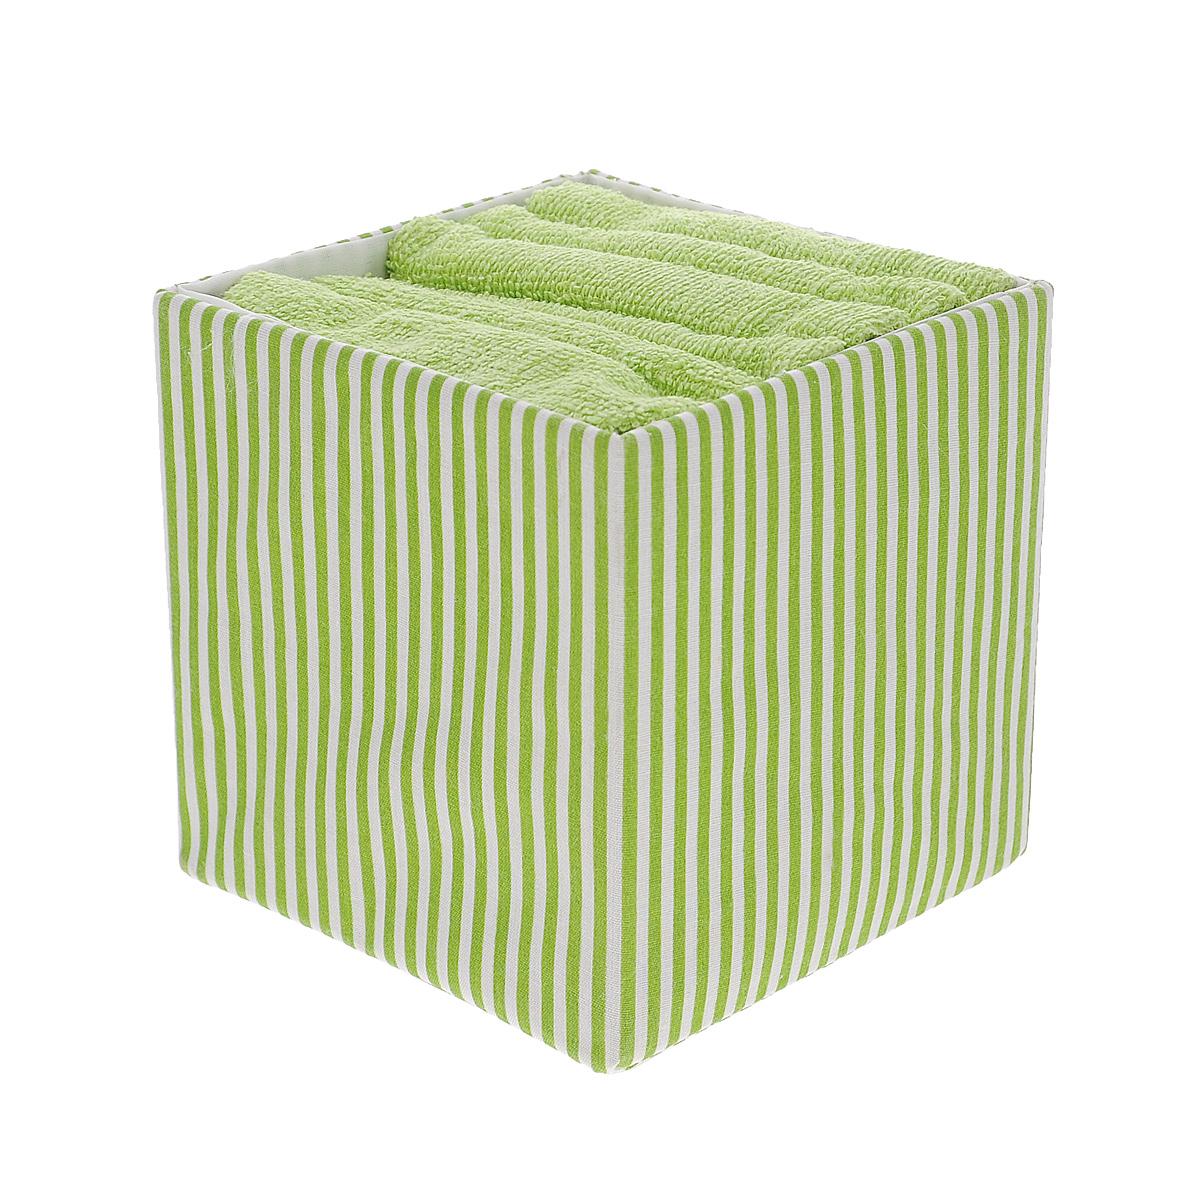 Набор полотенец Miolla Линии, в корзине, цвет: салатовый, 30 см х 30 см, 6 штBTS1305CНабор Miolla состоит из шести квадратных полотенец, выполненных из хлопка. Полотенца мягкие, приятные на ощупь, хорошо впитывают влагу. Для хранения полотенец предусмотрена специальная корзинка с принтом в полоску. Такой набор станет хорошим подарком для хозяйки и пригодится в быту.